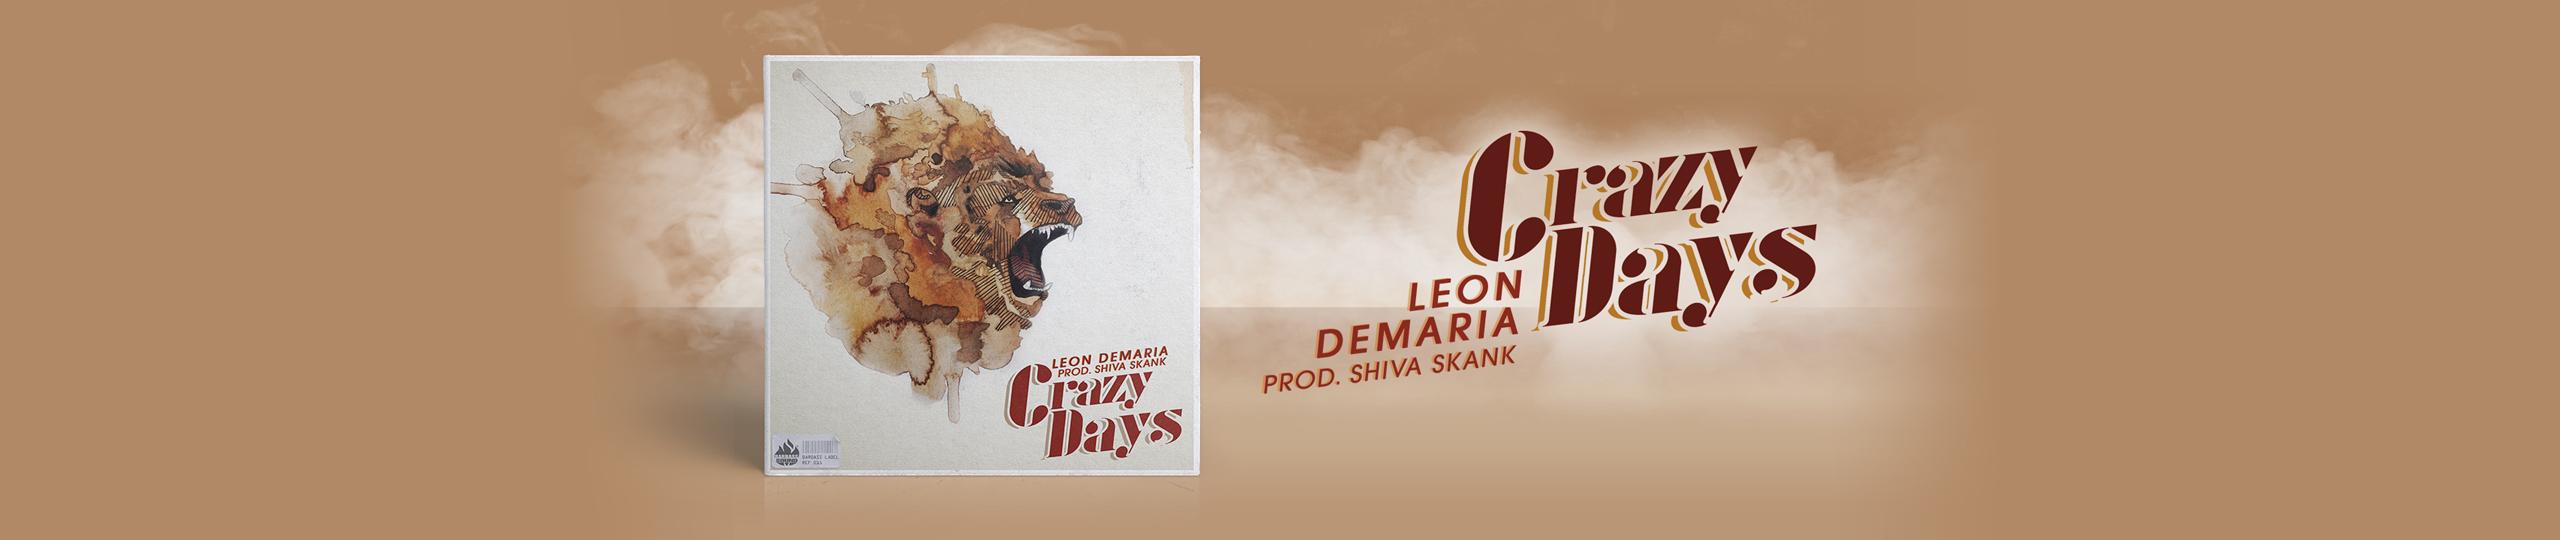 crazy_days_leon_de_maria